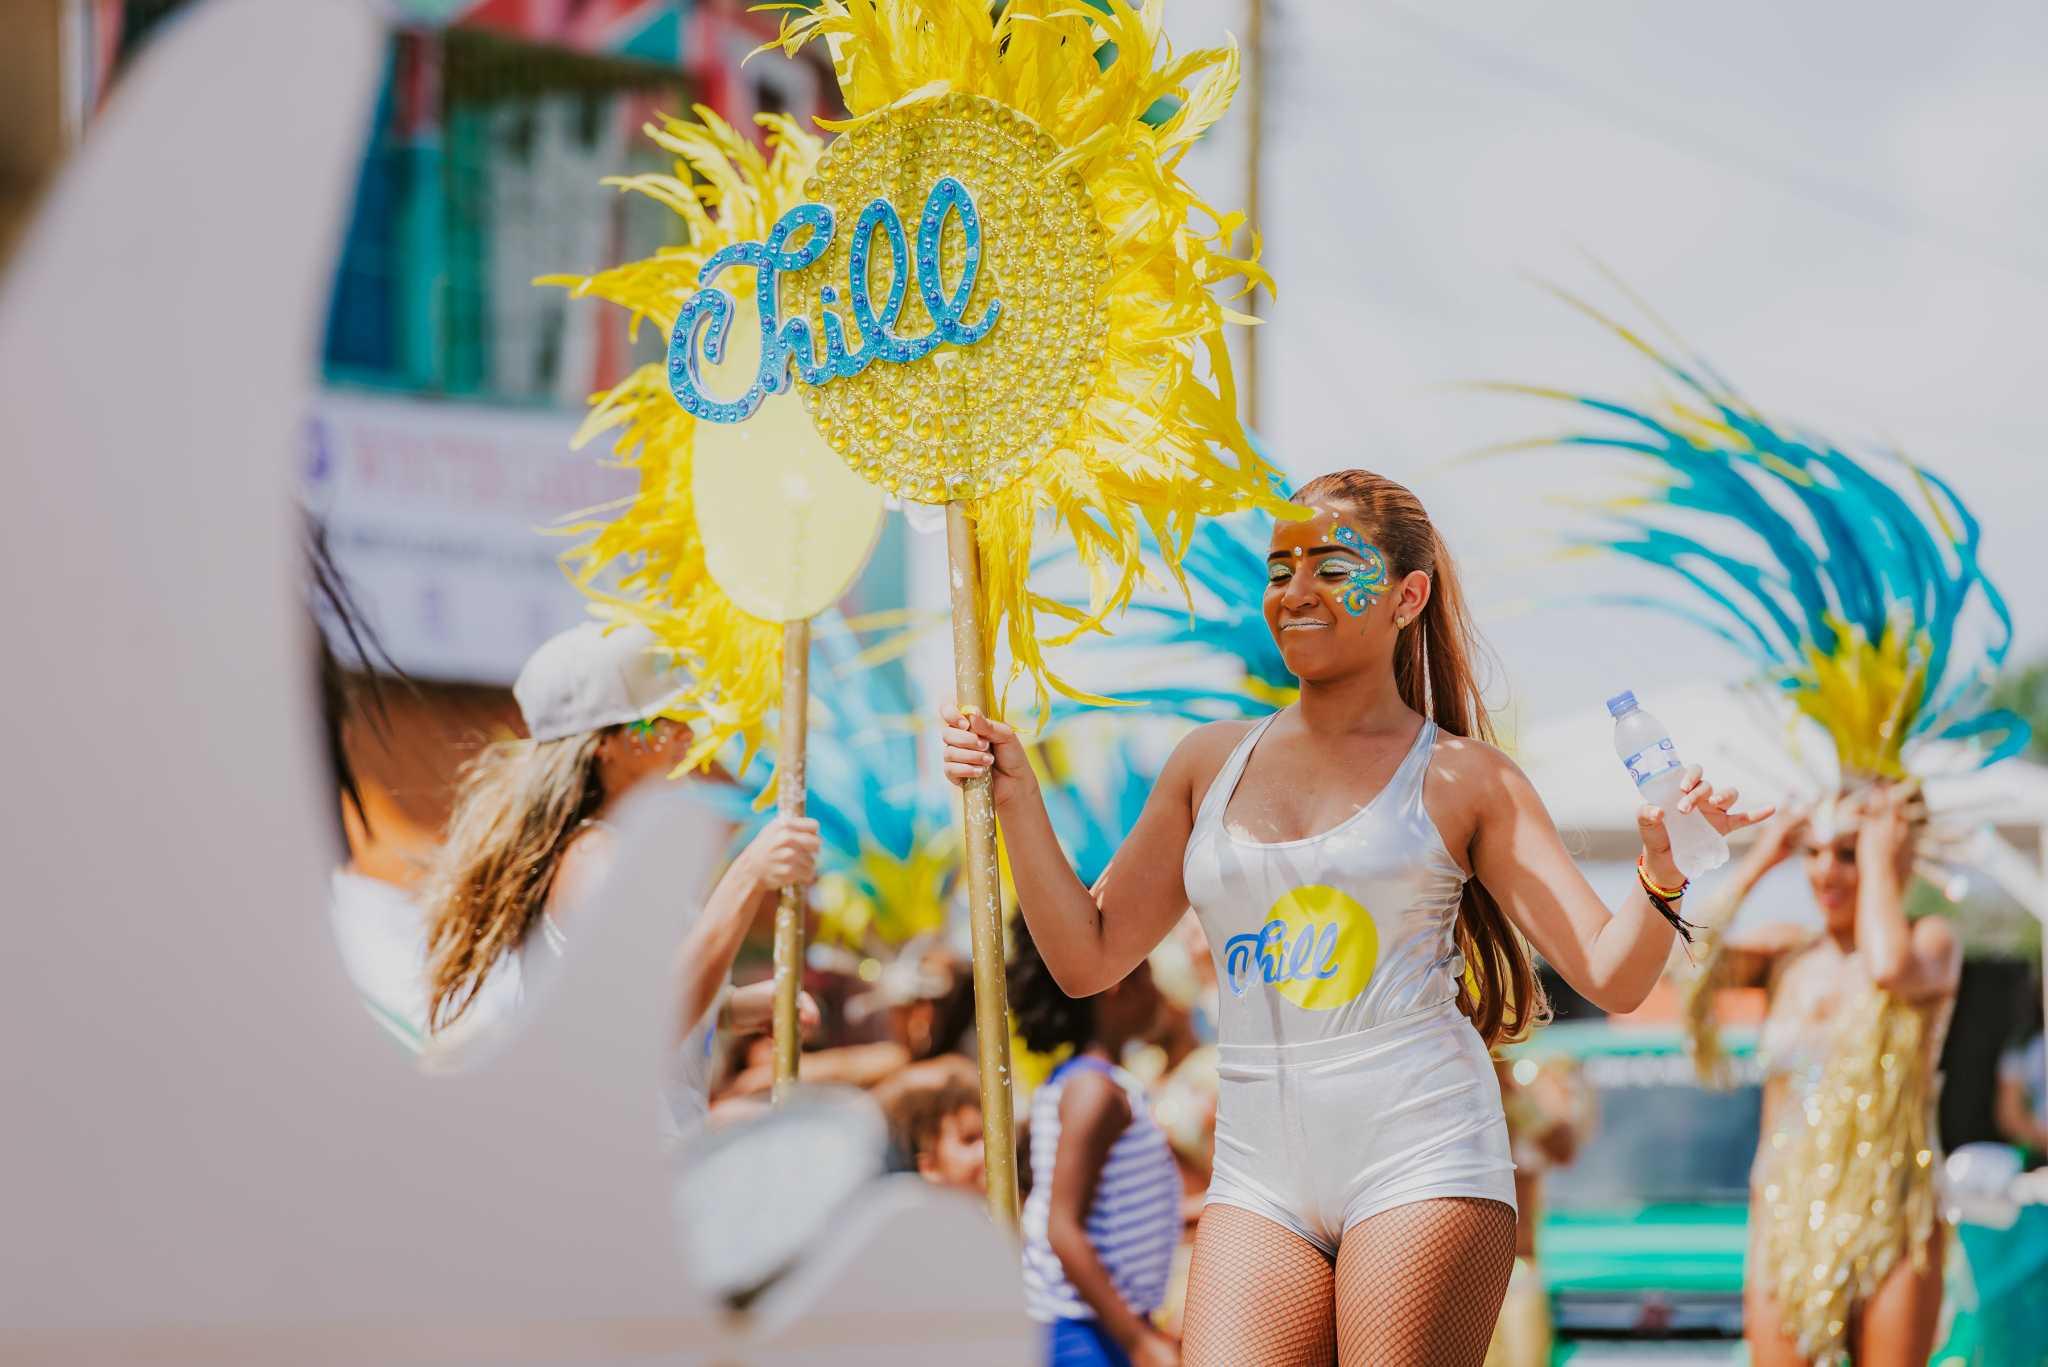 Aruba, la isla feliz, celebra su Carnaval Nº 65 1